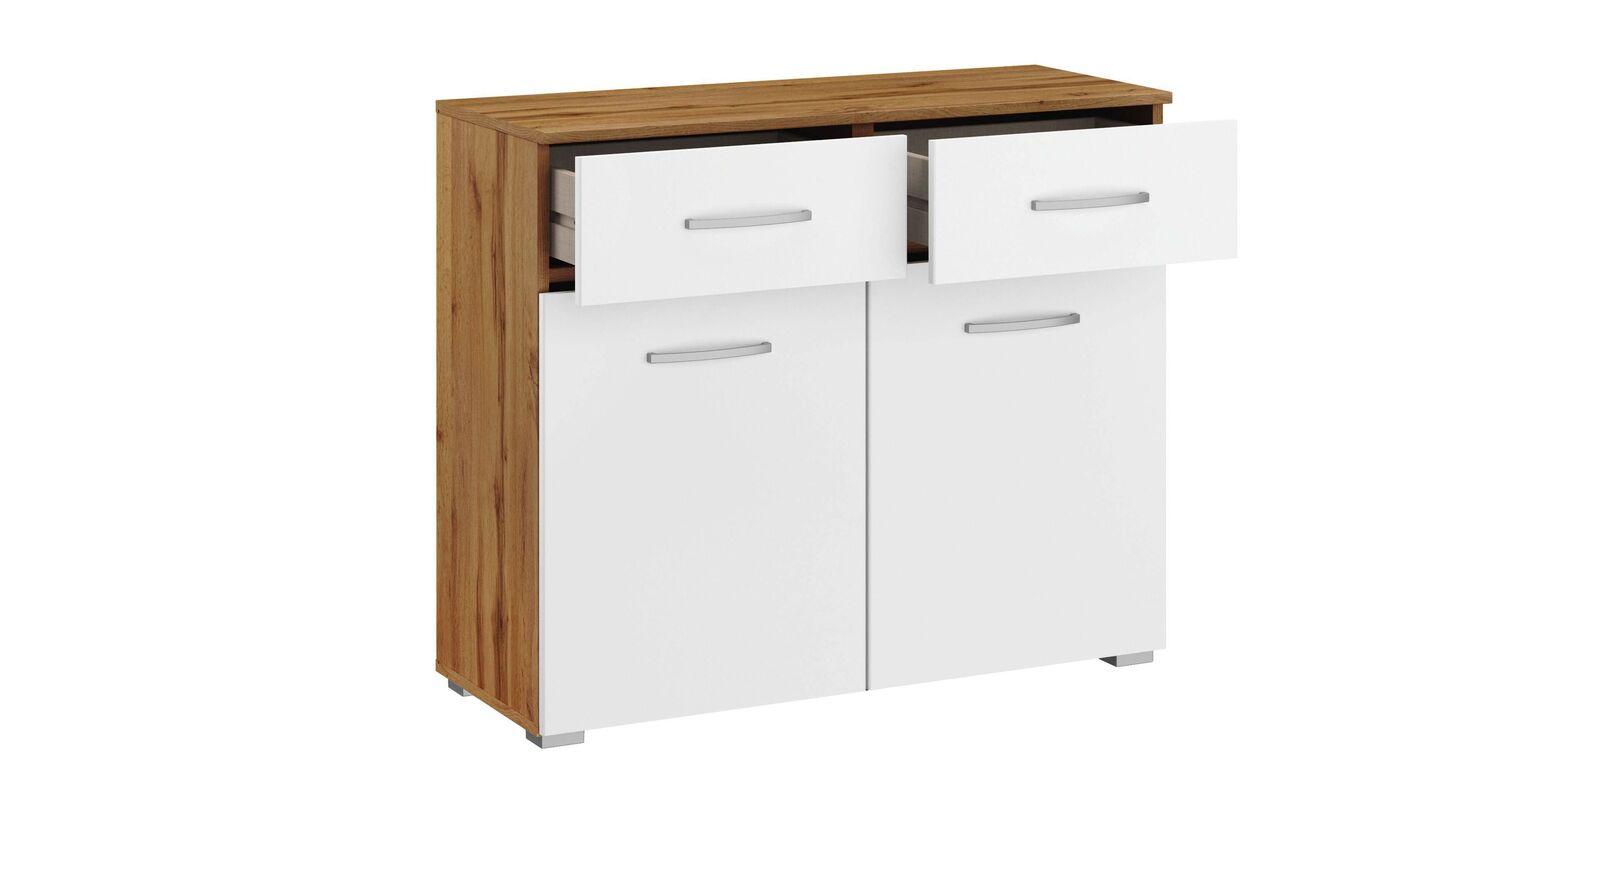 Kommode Sedina mit 2 Türen und praktischen Schubladen